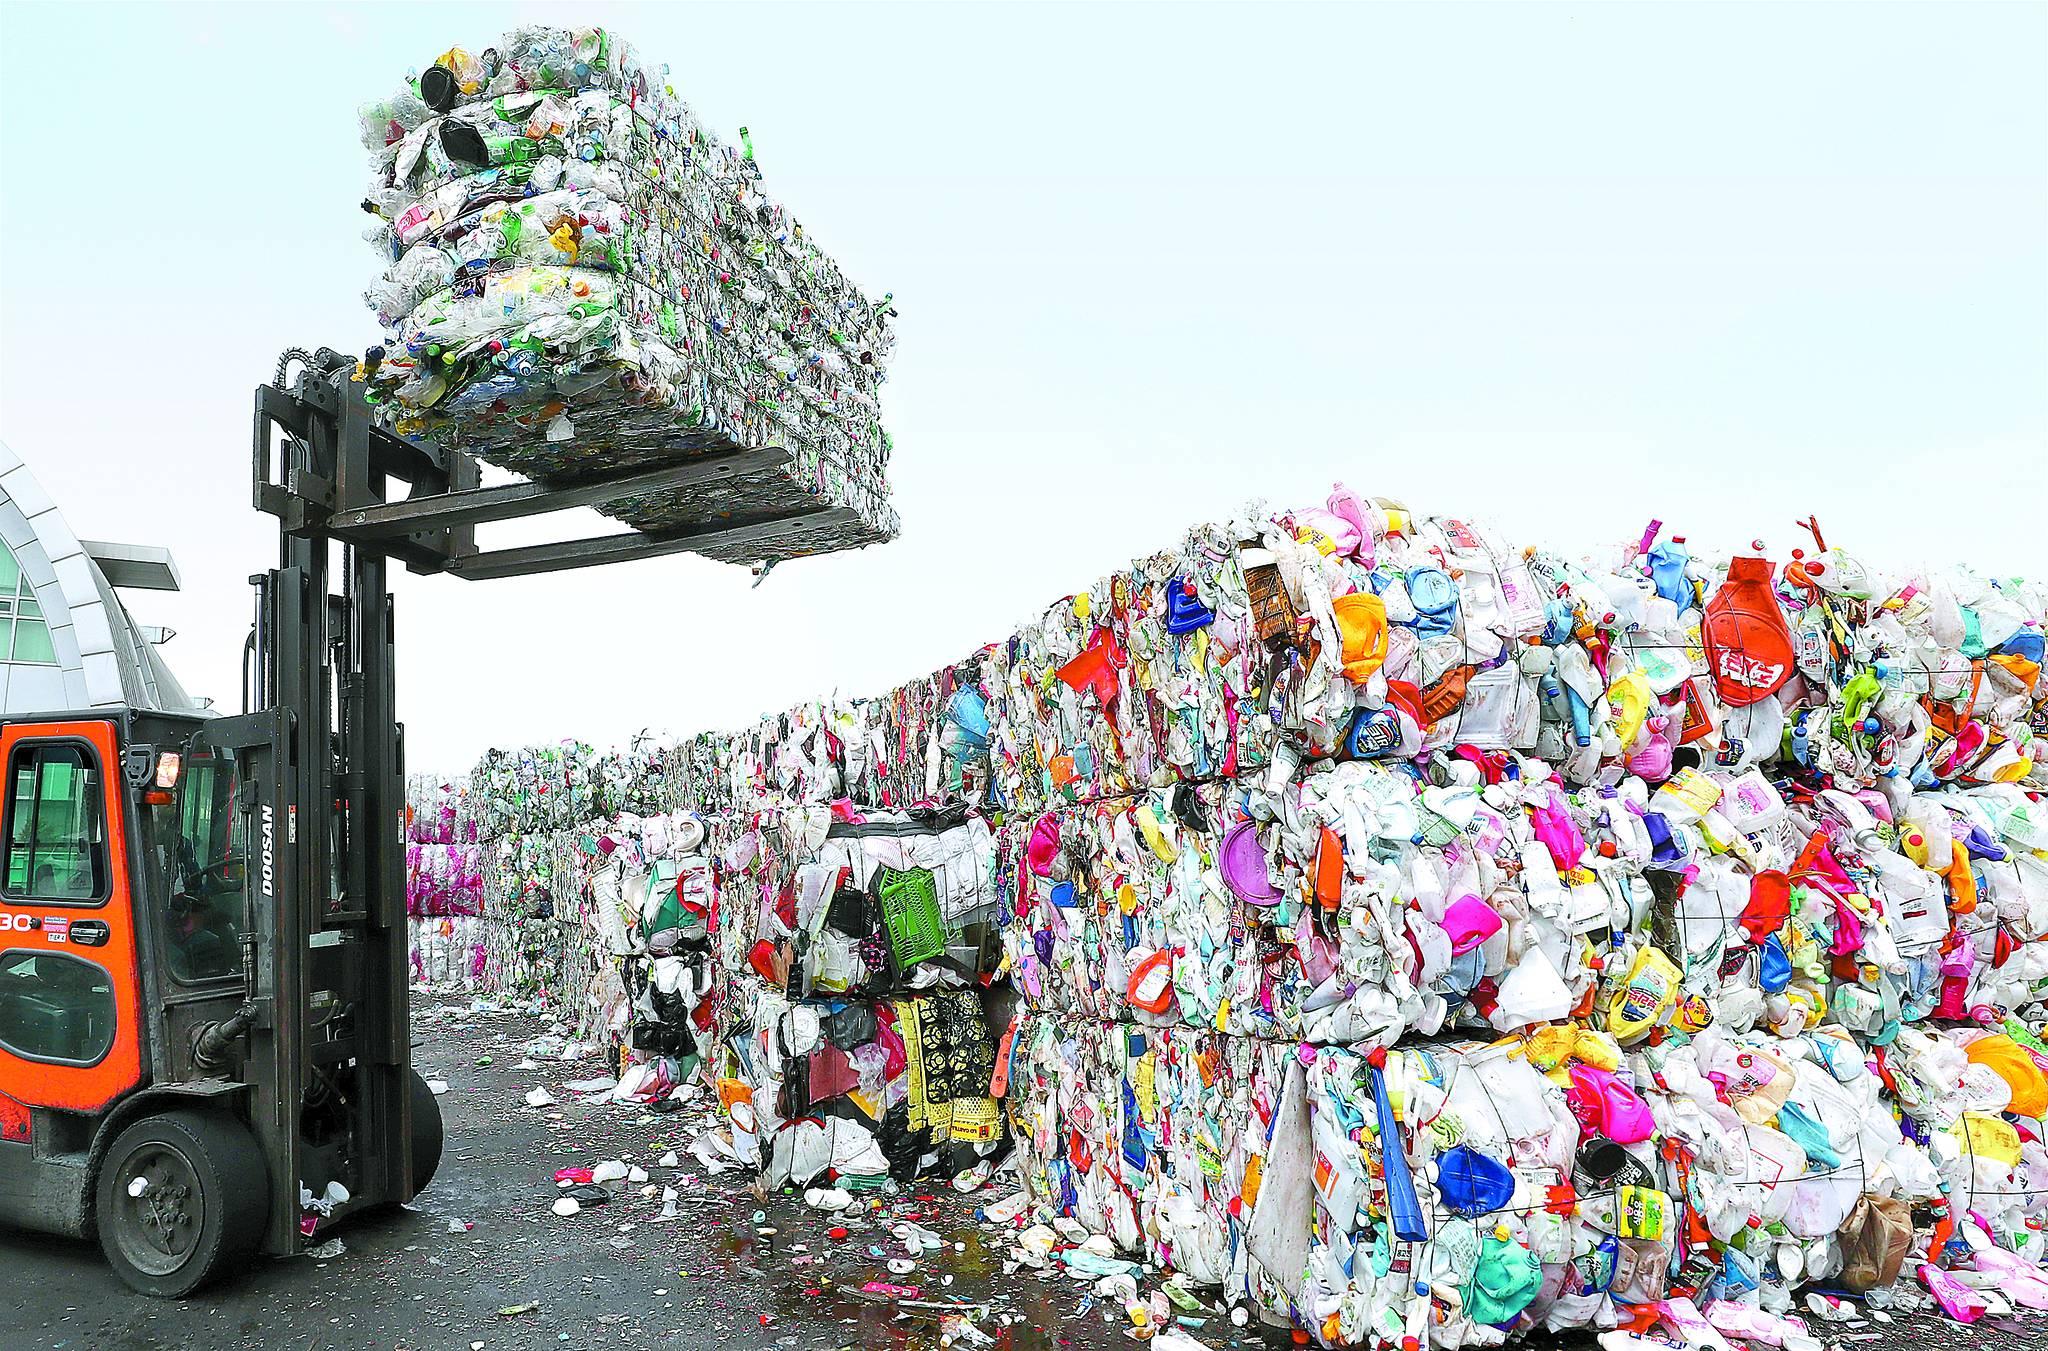 지난 4월 수도권 지역에서는 재활용업체가 폐비닐 수거를 거부하는 사태가 빚어져 시민들이 불편을 겪었다. 사진은 경기도 용인시 재활용센터에서 직원이 압축 플라스틱을 정리하는 모습. [뉴스1]